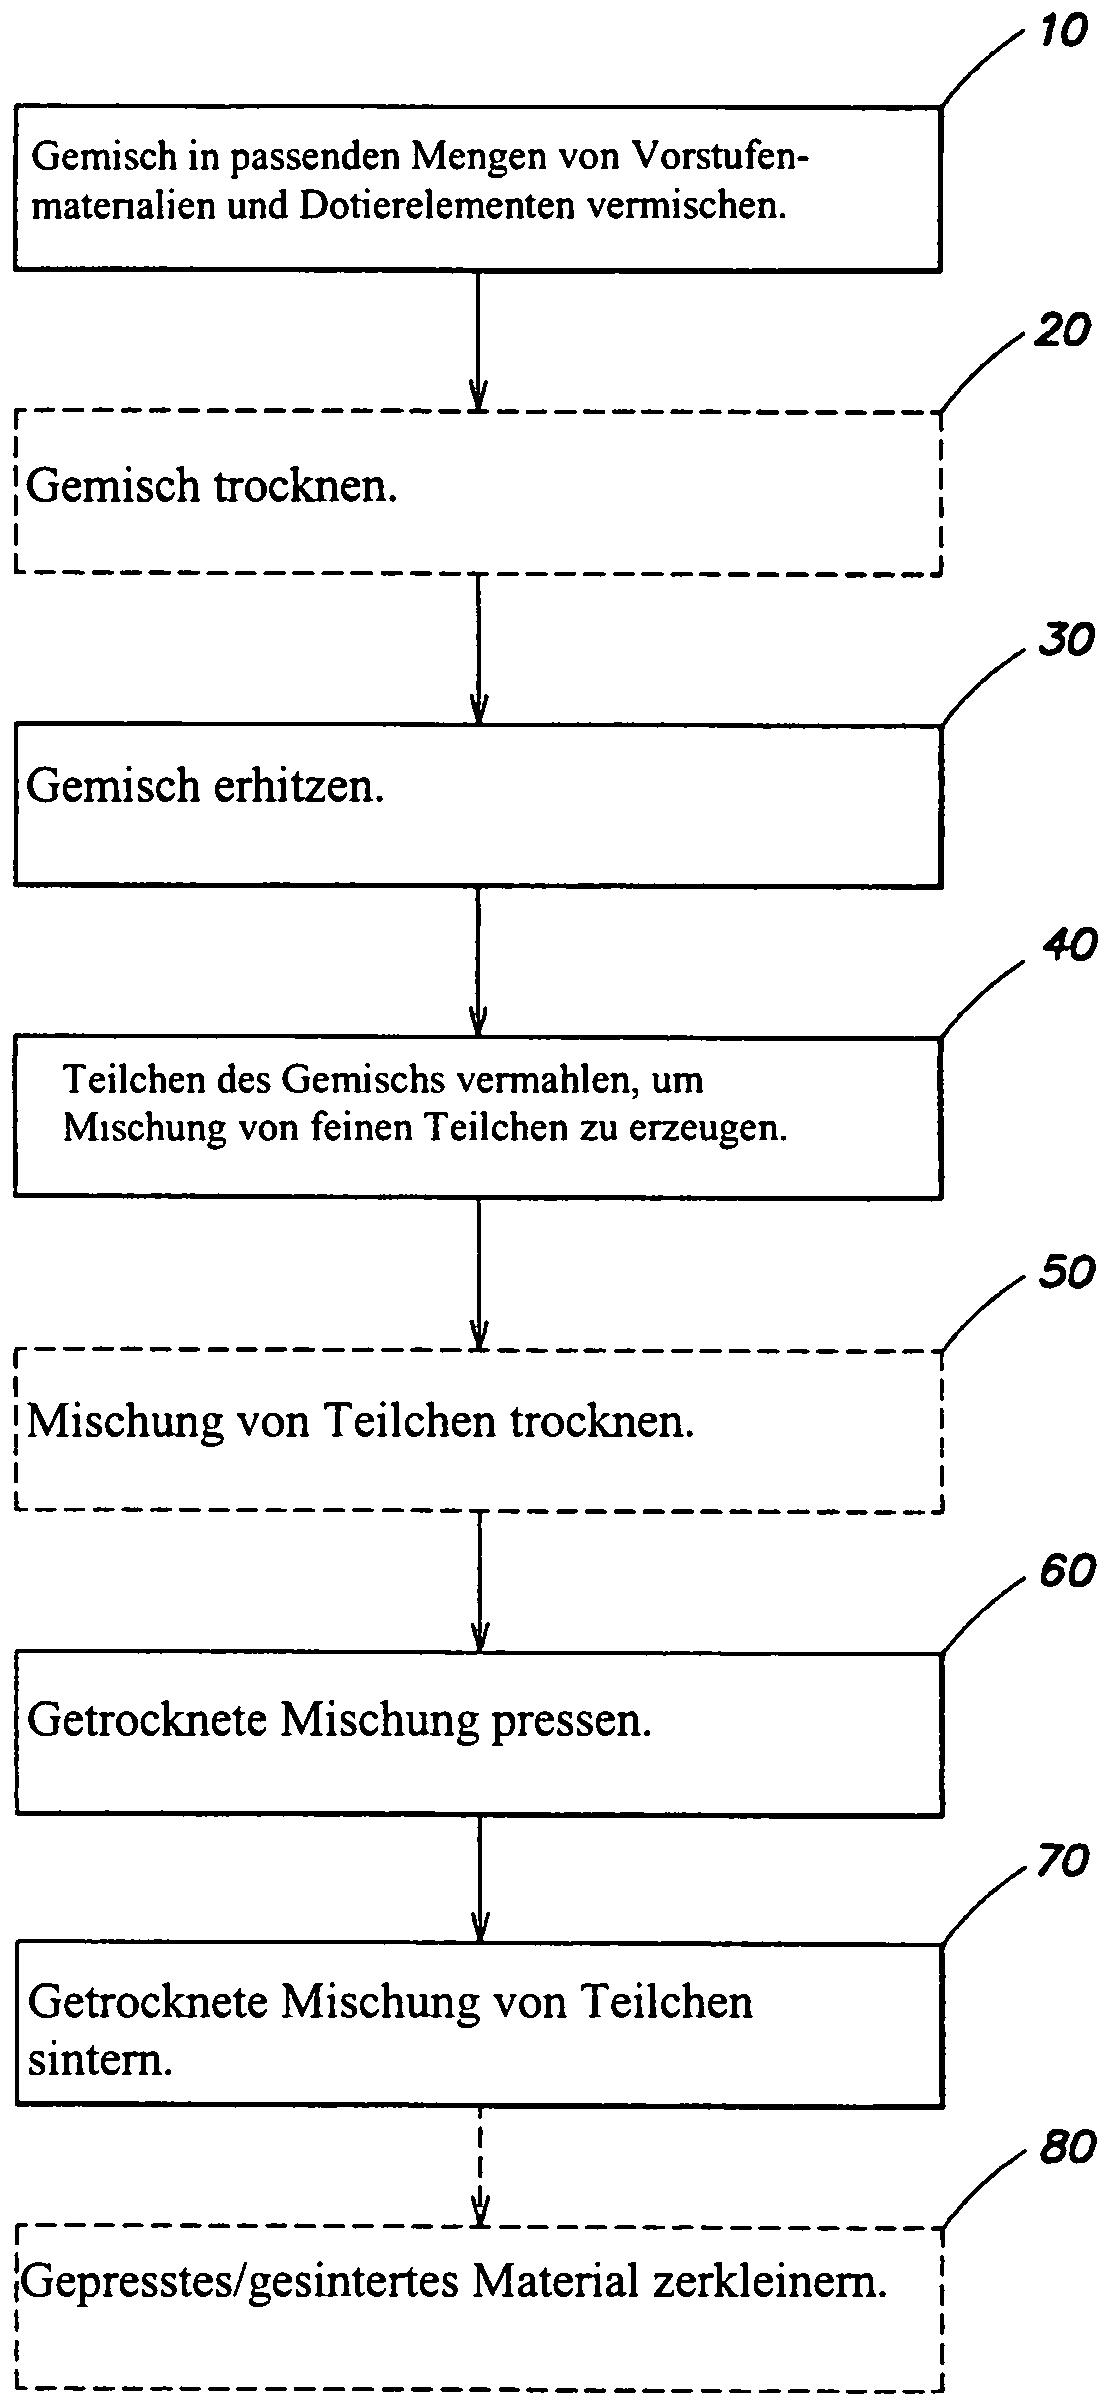 Figure DE112009001356B4_0000